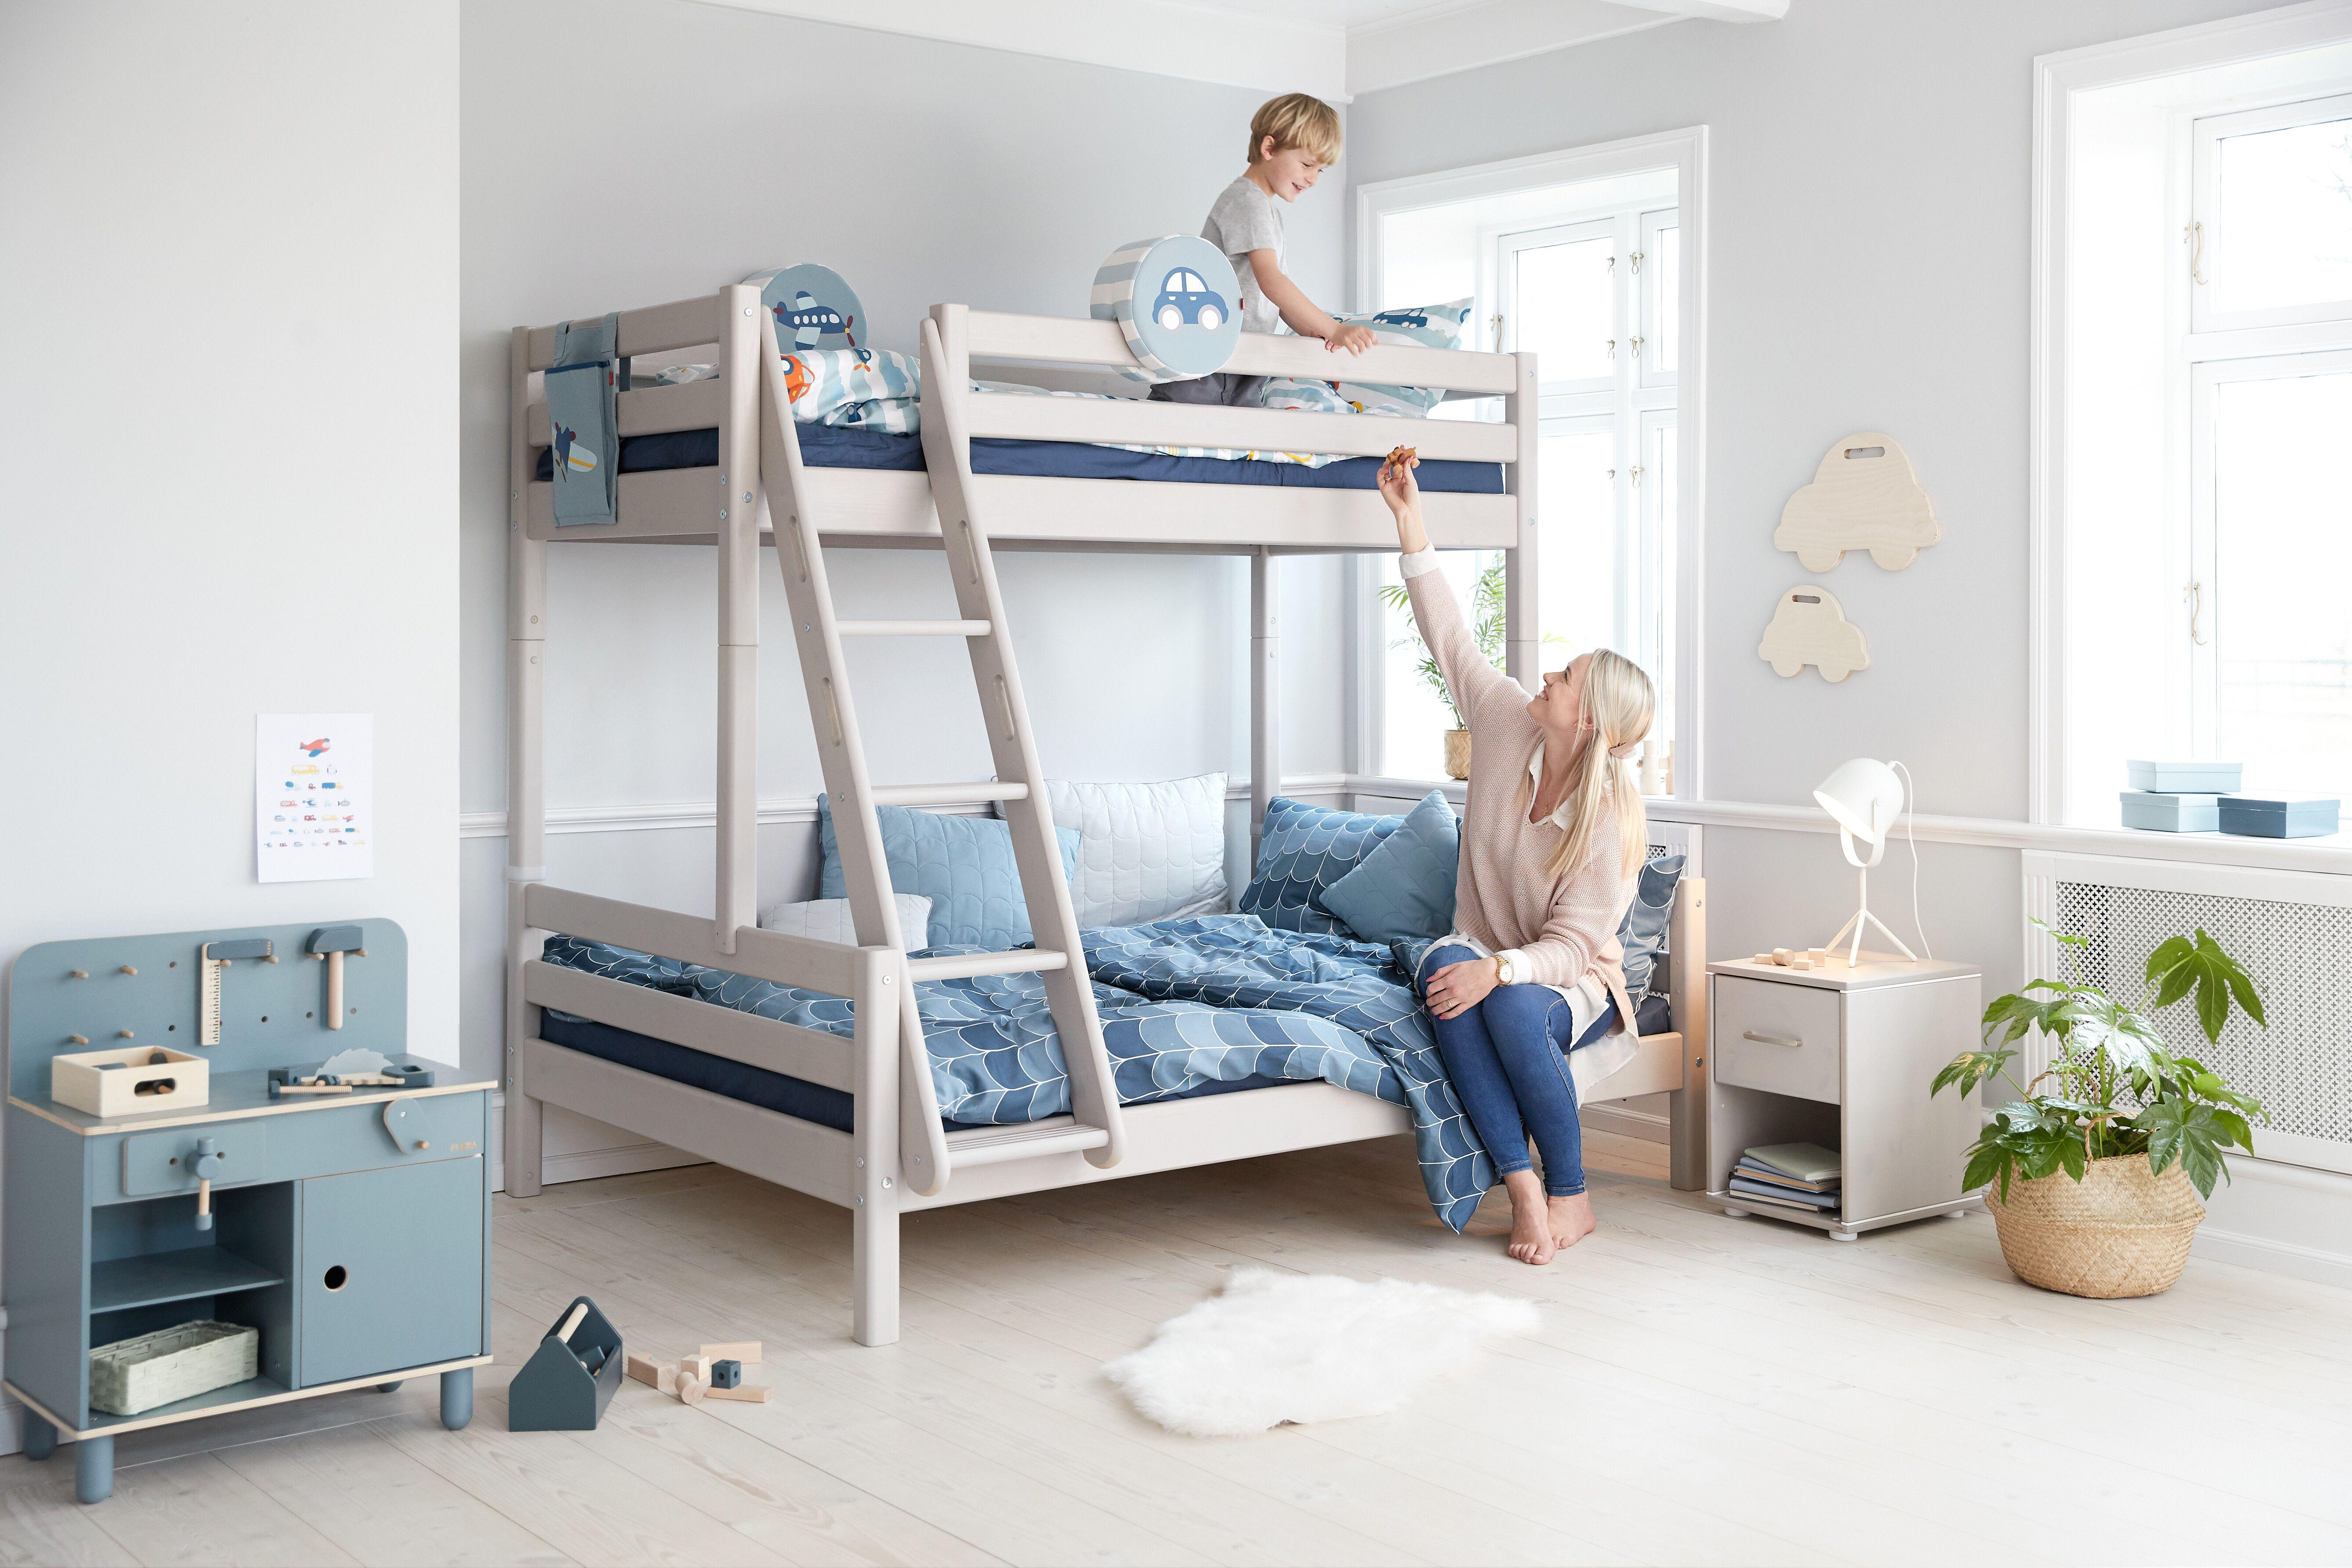 Familienbett in 2020 | Etagenbett, Kinder möbel, Bett